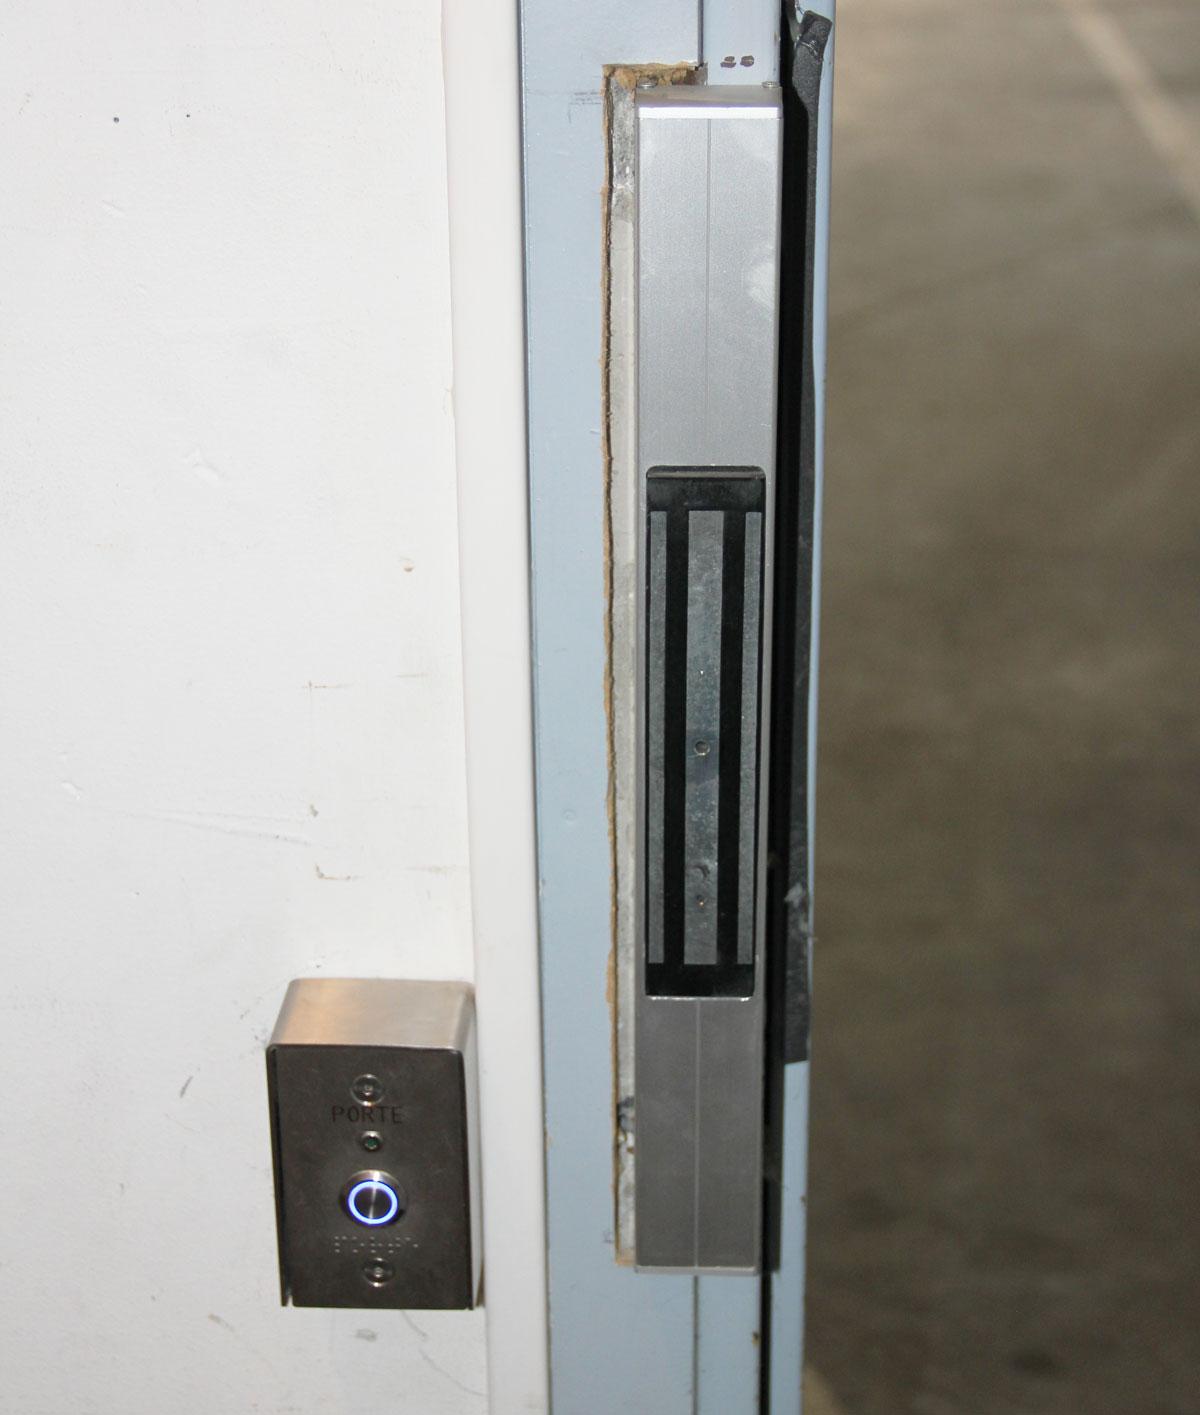 Dimelec sécurité portes ventouses avec bouton poussoir Biscarrosse